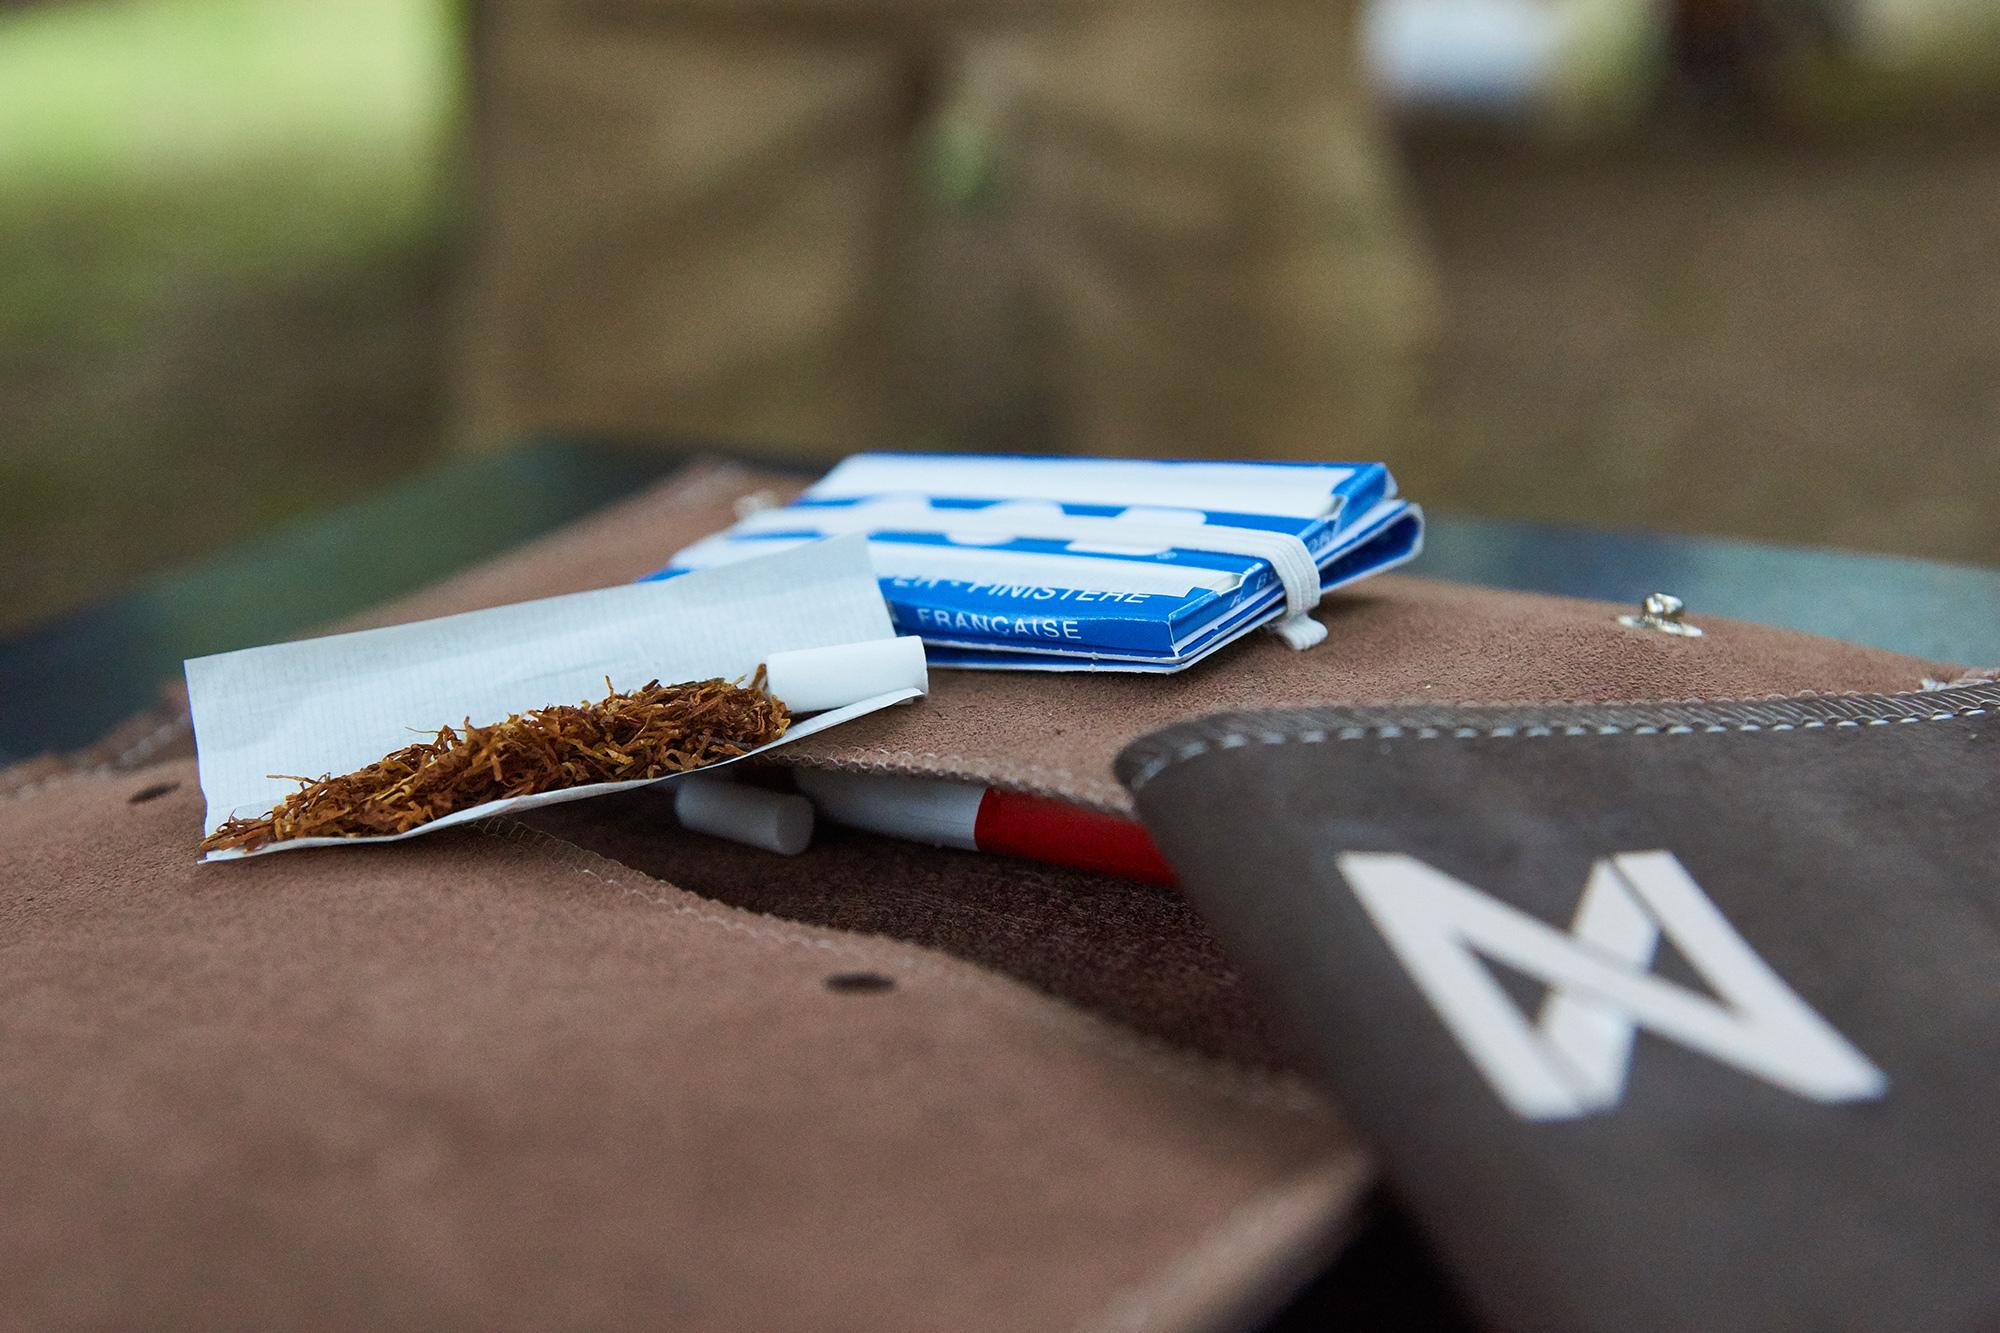 drehtasche-mit-Tabak-1mb